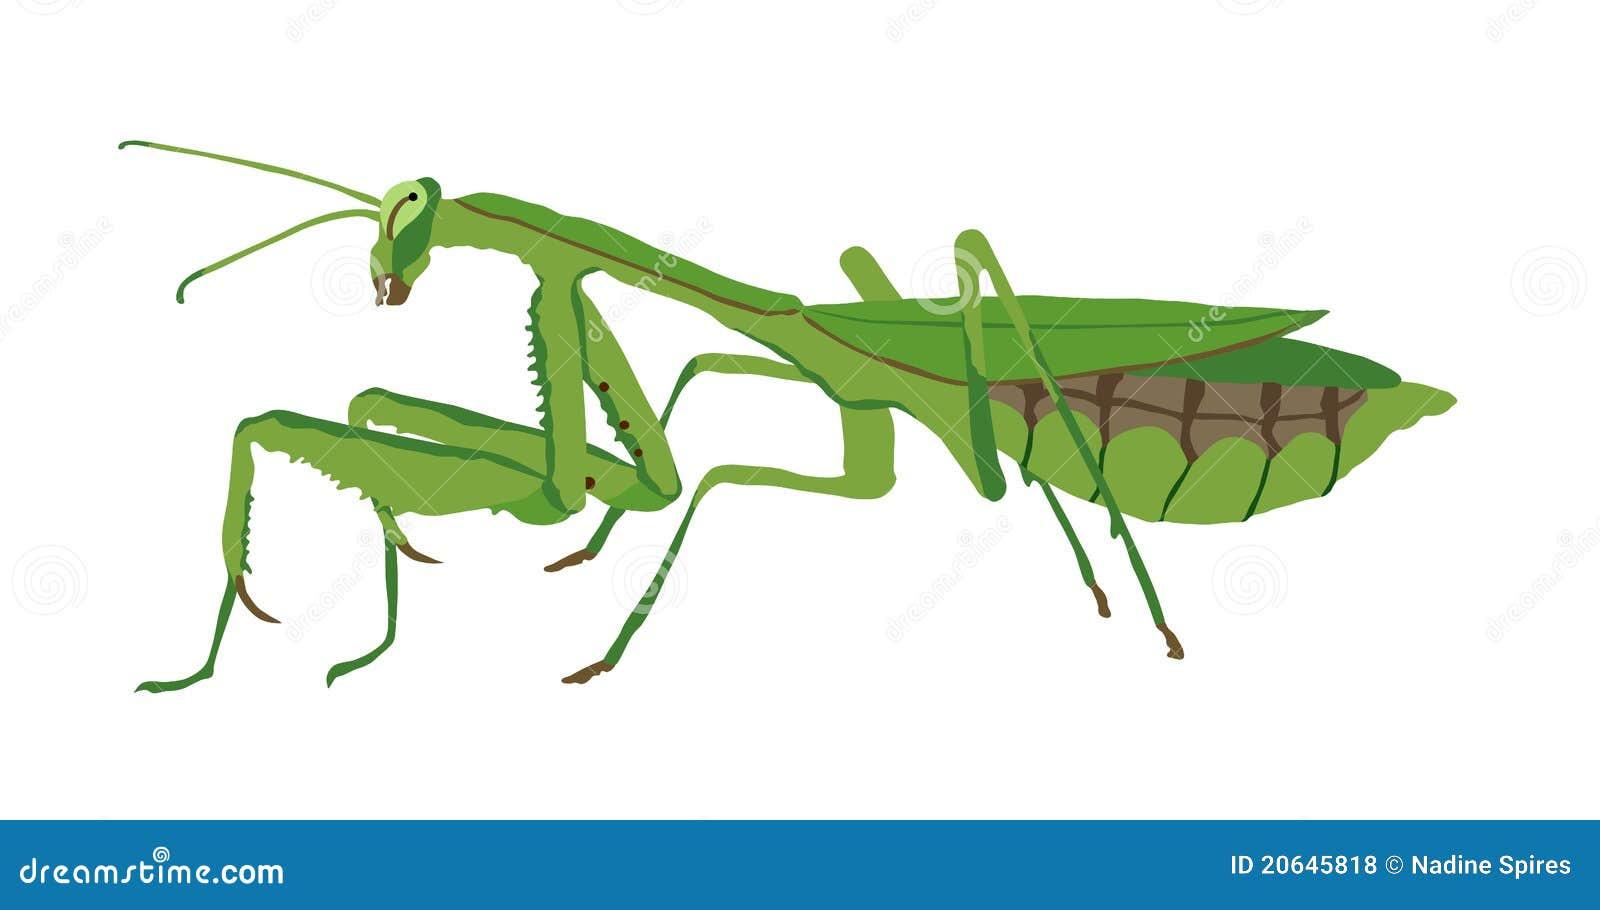 praying mantis stock illustrations 255 praying mantis stock rh dreamstime com praying mantis clip art free Praying Mantis Signs